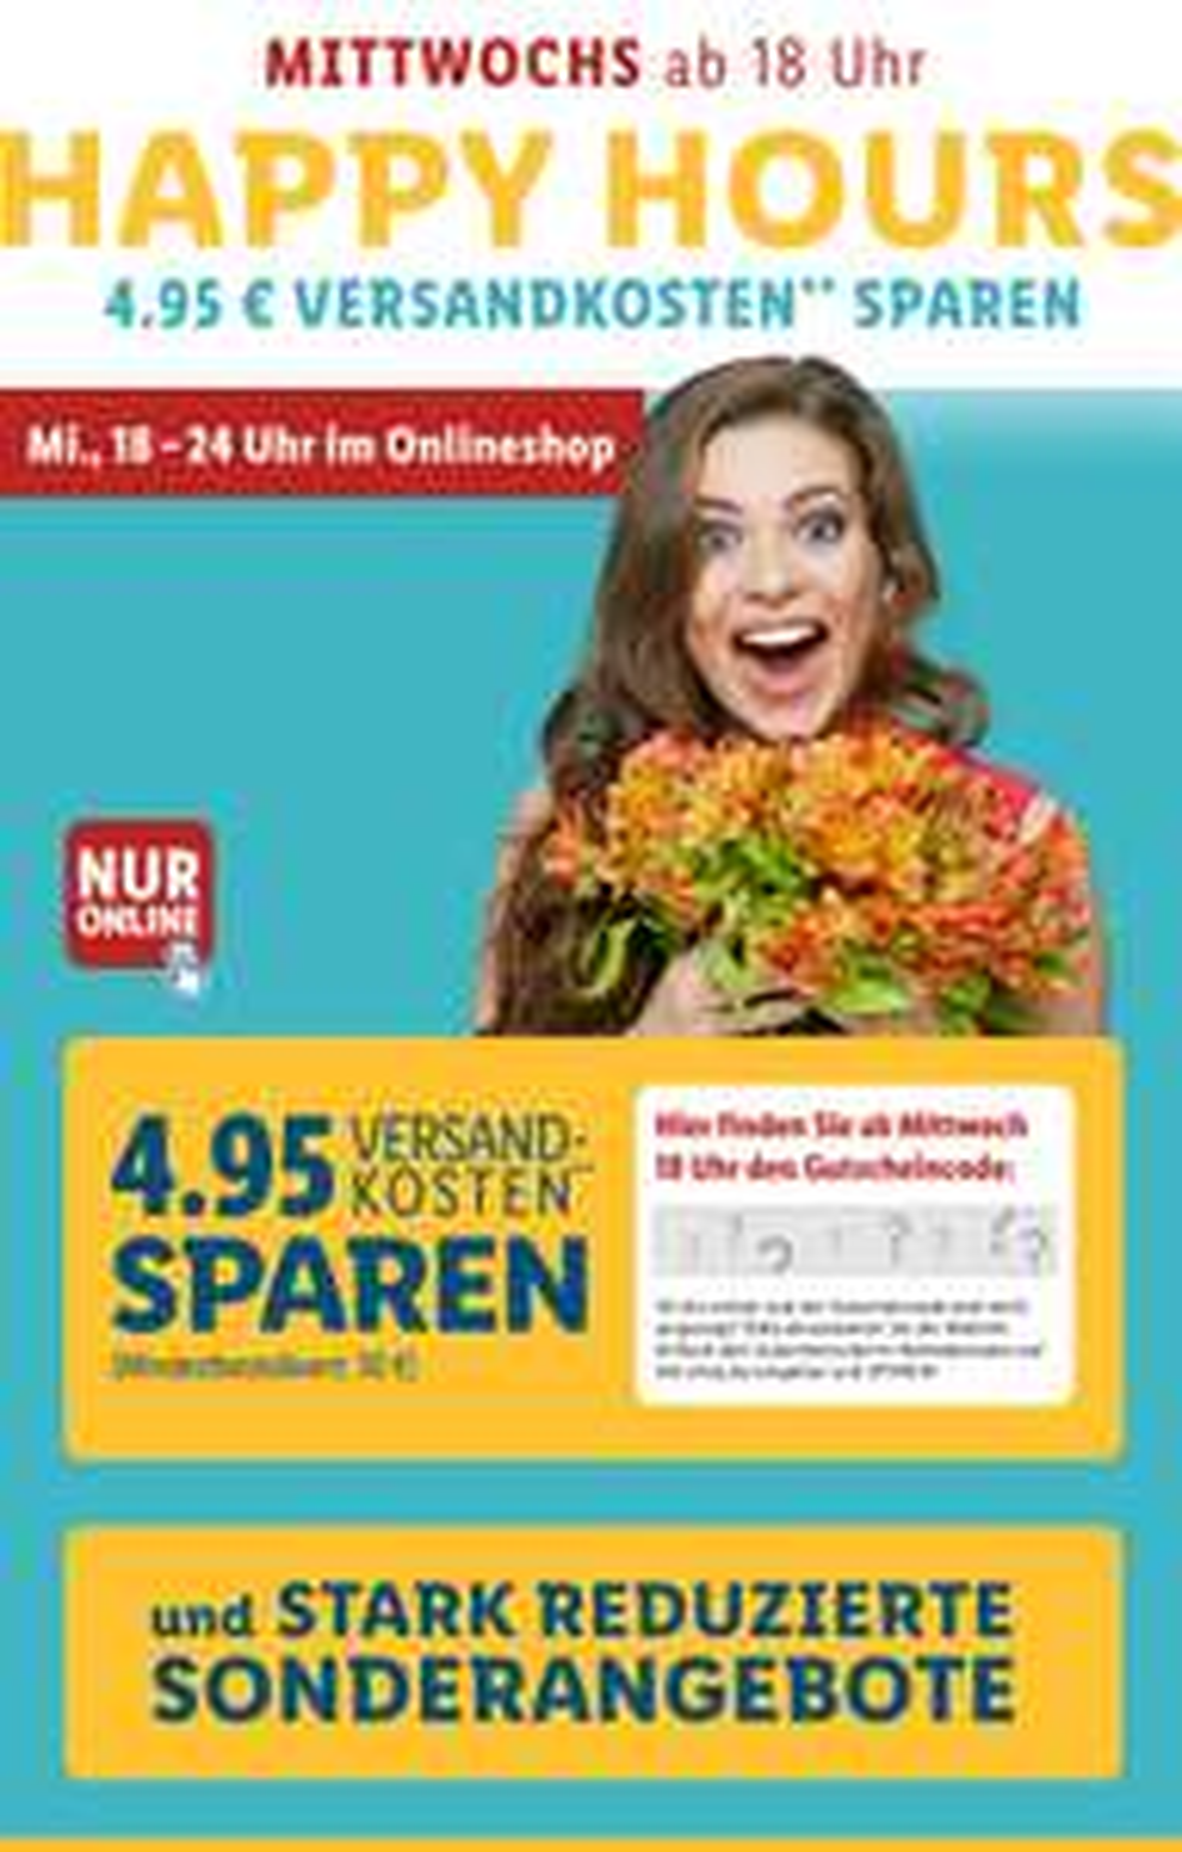 [Lidl Online] Mittwochs von 18 - 24 Uhr kostenloser Versand ab 30€ MBW